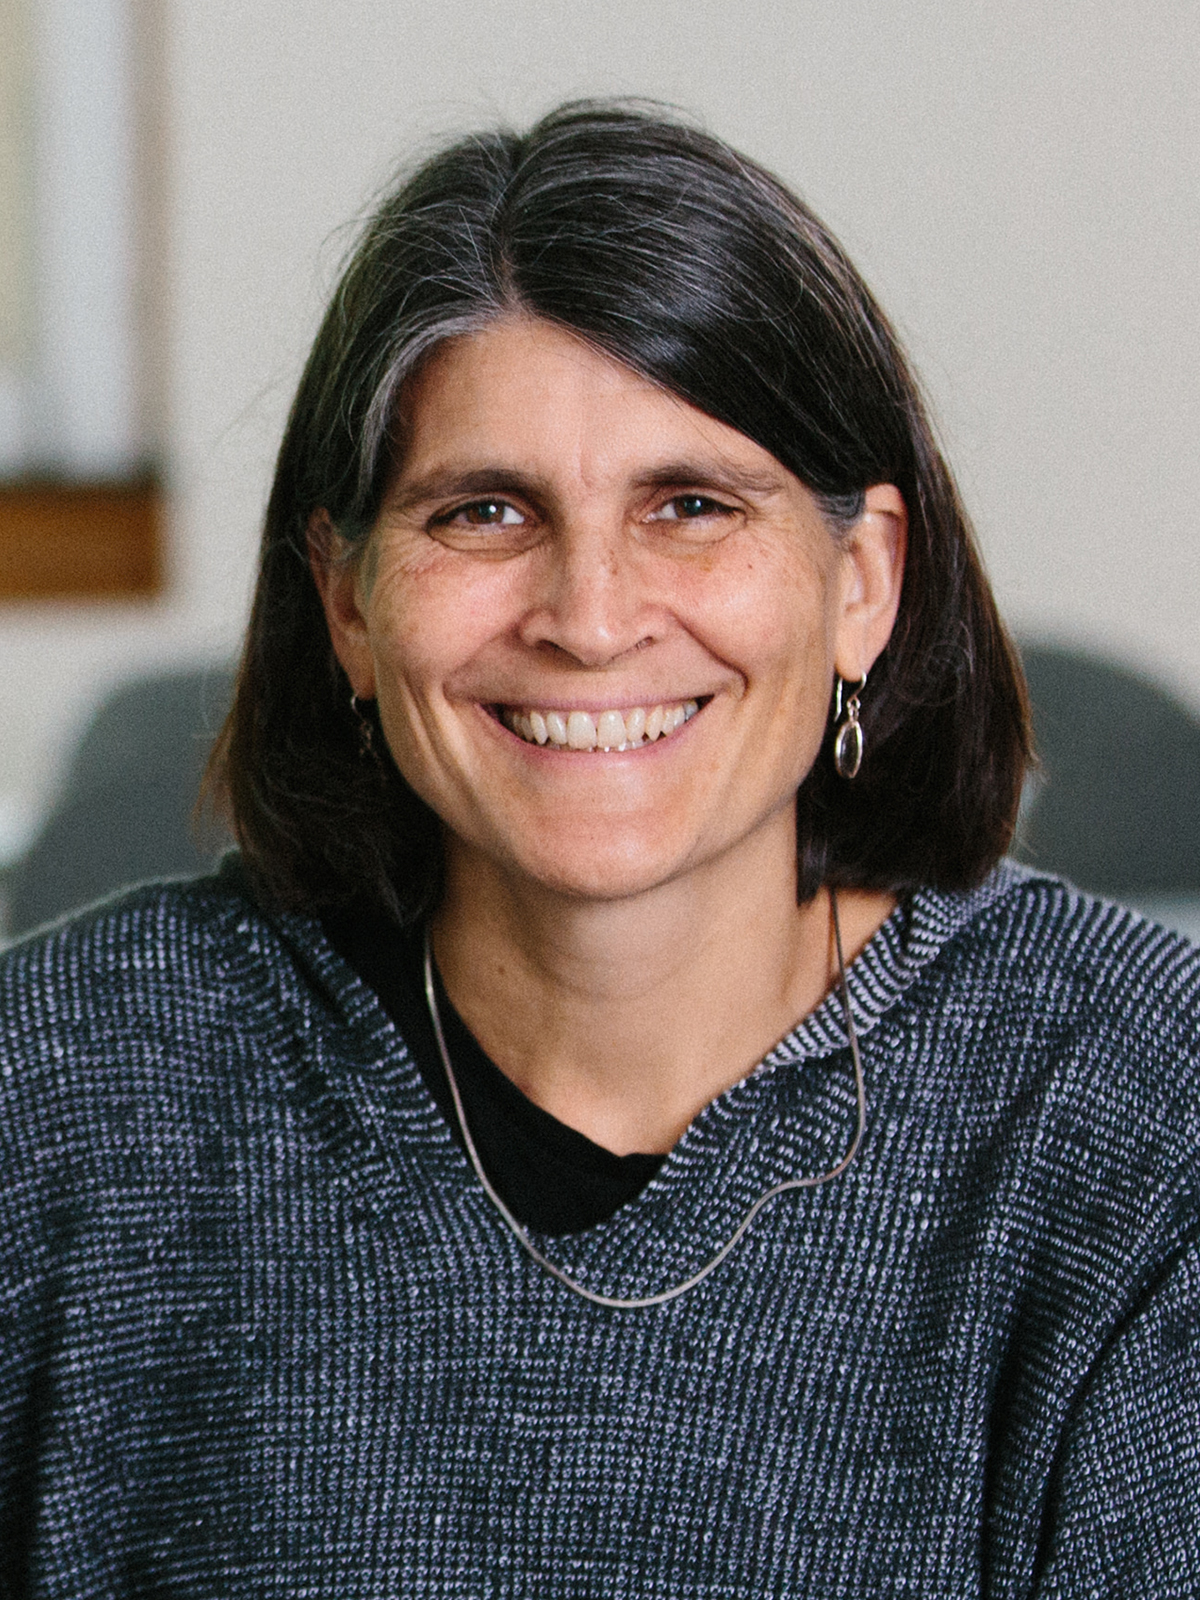 Jill Hamm portrait image